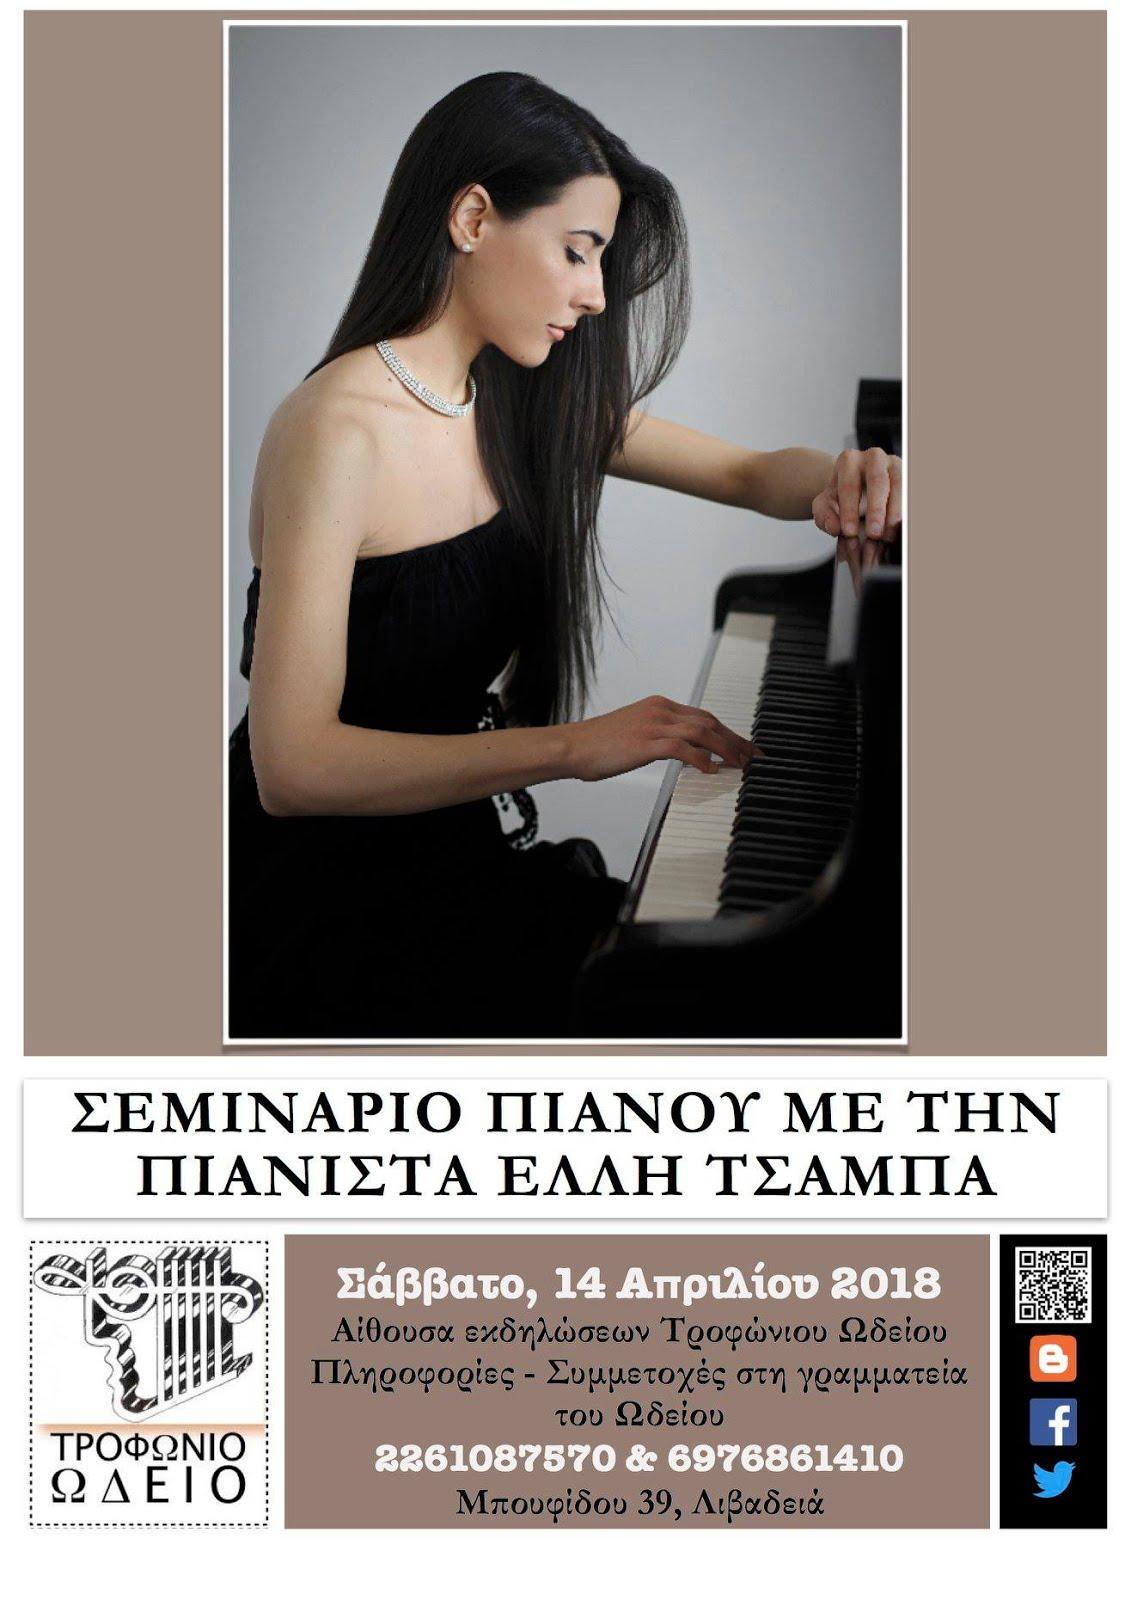 Σεμινάριο πιάνου με την Έλλη Τσάμπα